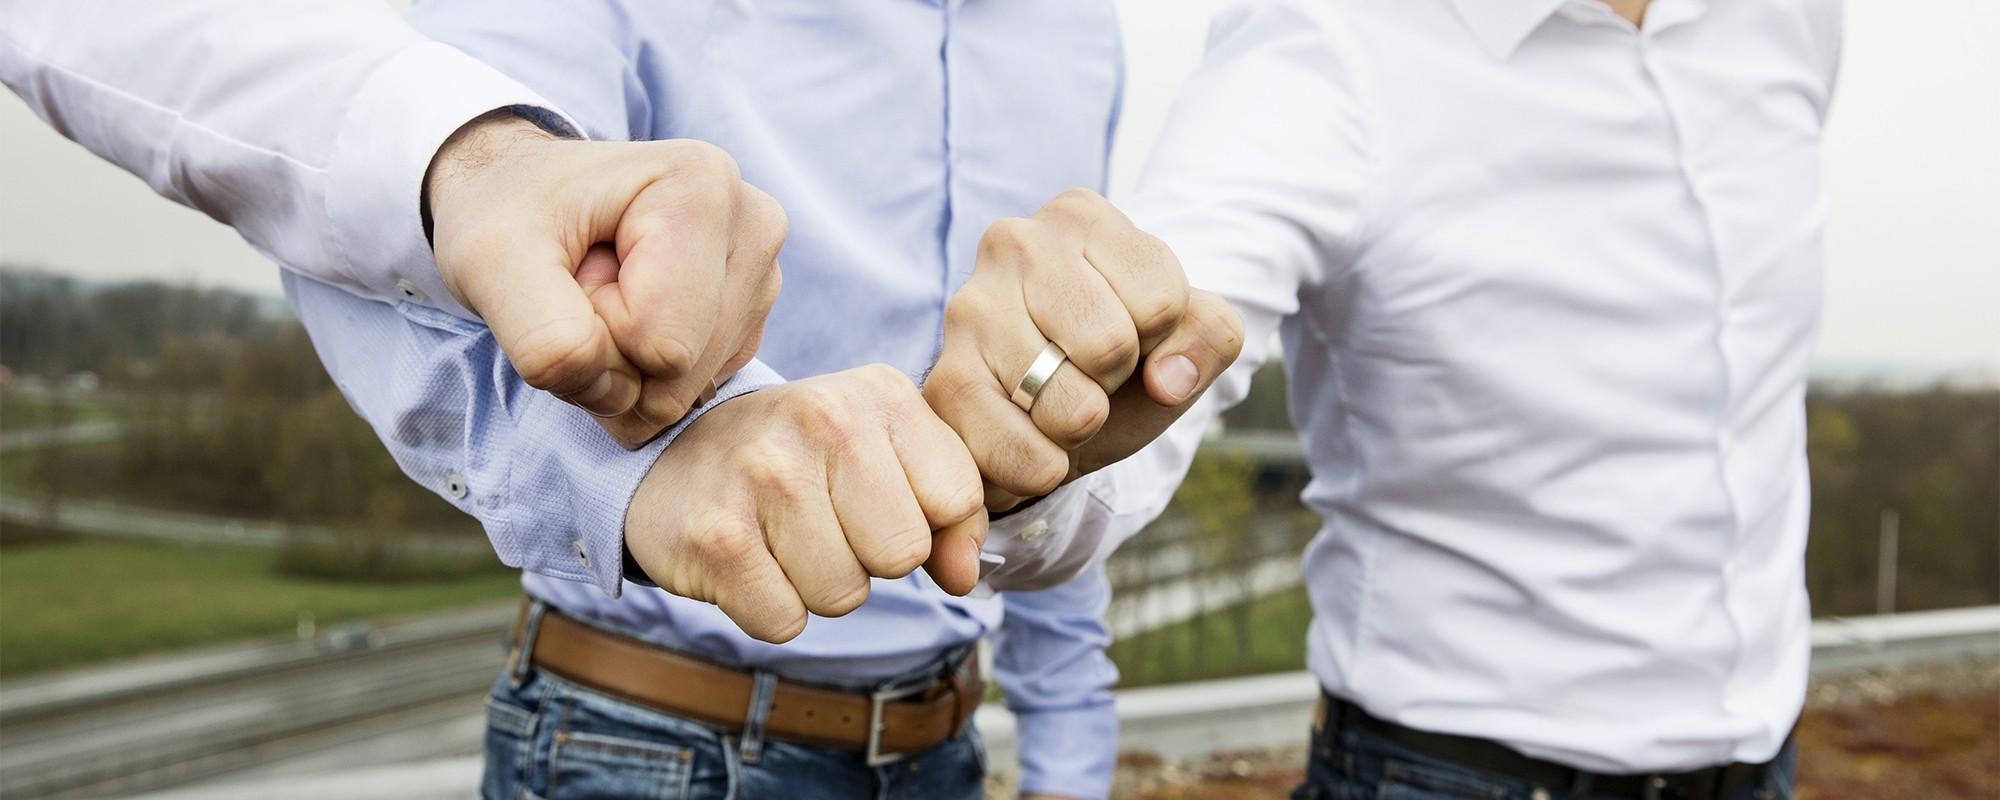 3 geballte Fäuste, eine davon mit Ehering, treffen sich